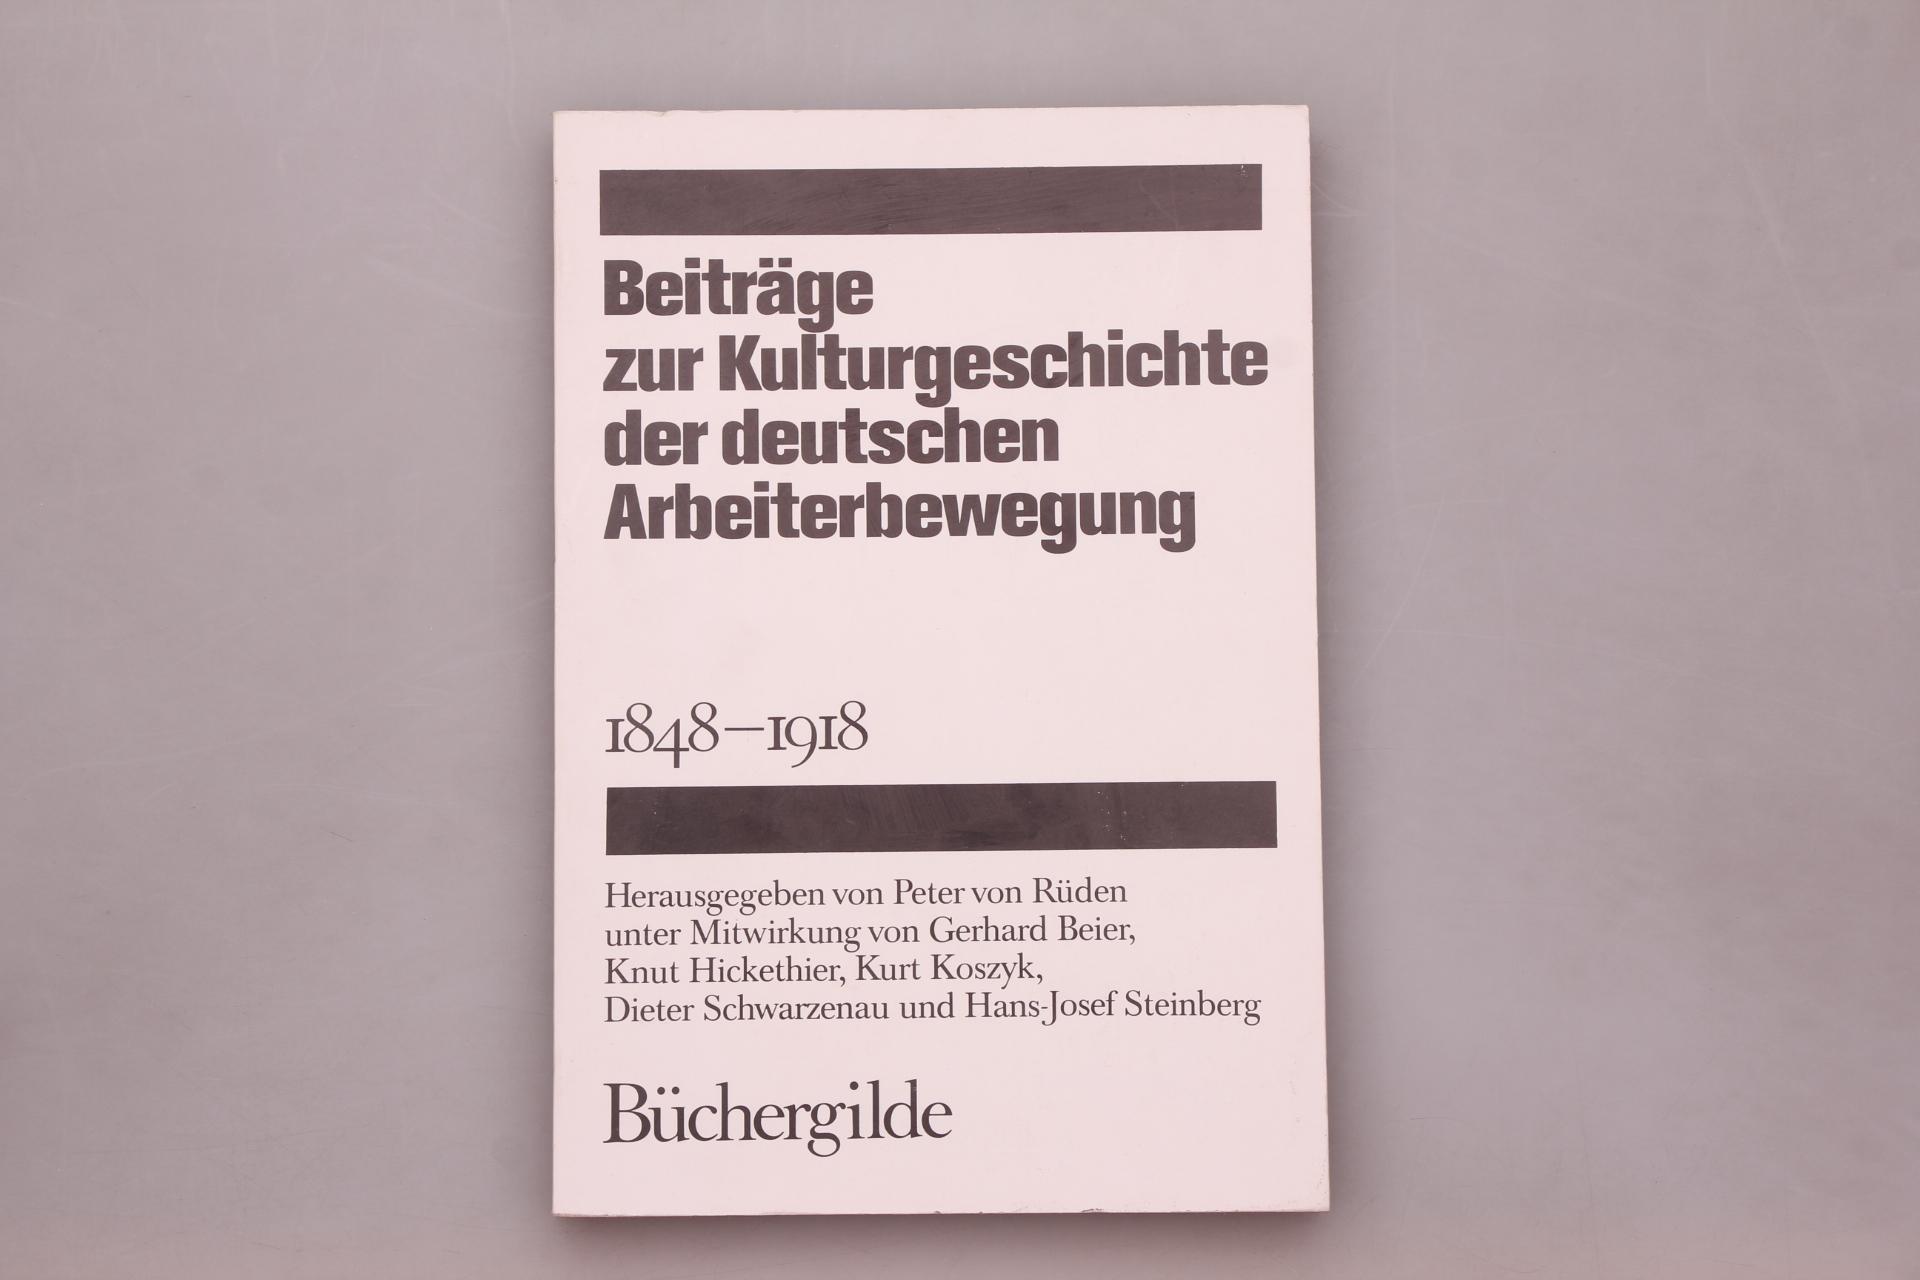 BEITRÄGE ZUR KULTURGESCHICHTE DER DEUTSCHEN ARBEITERBEWEGUNG